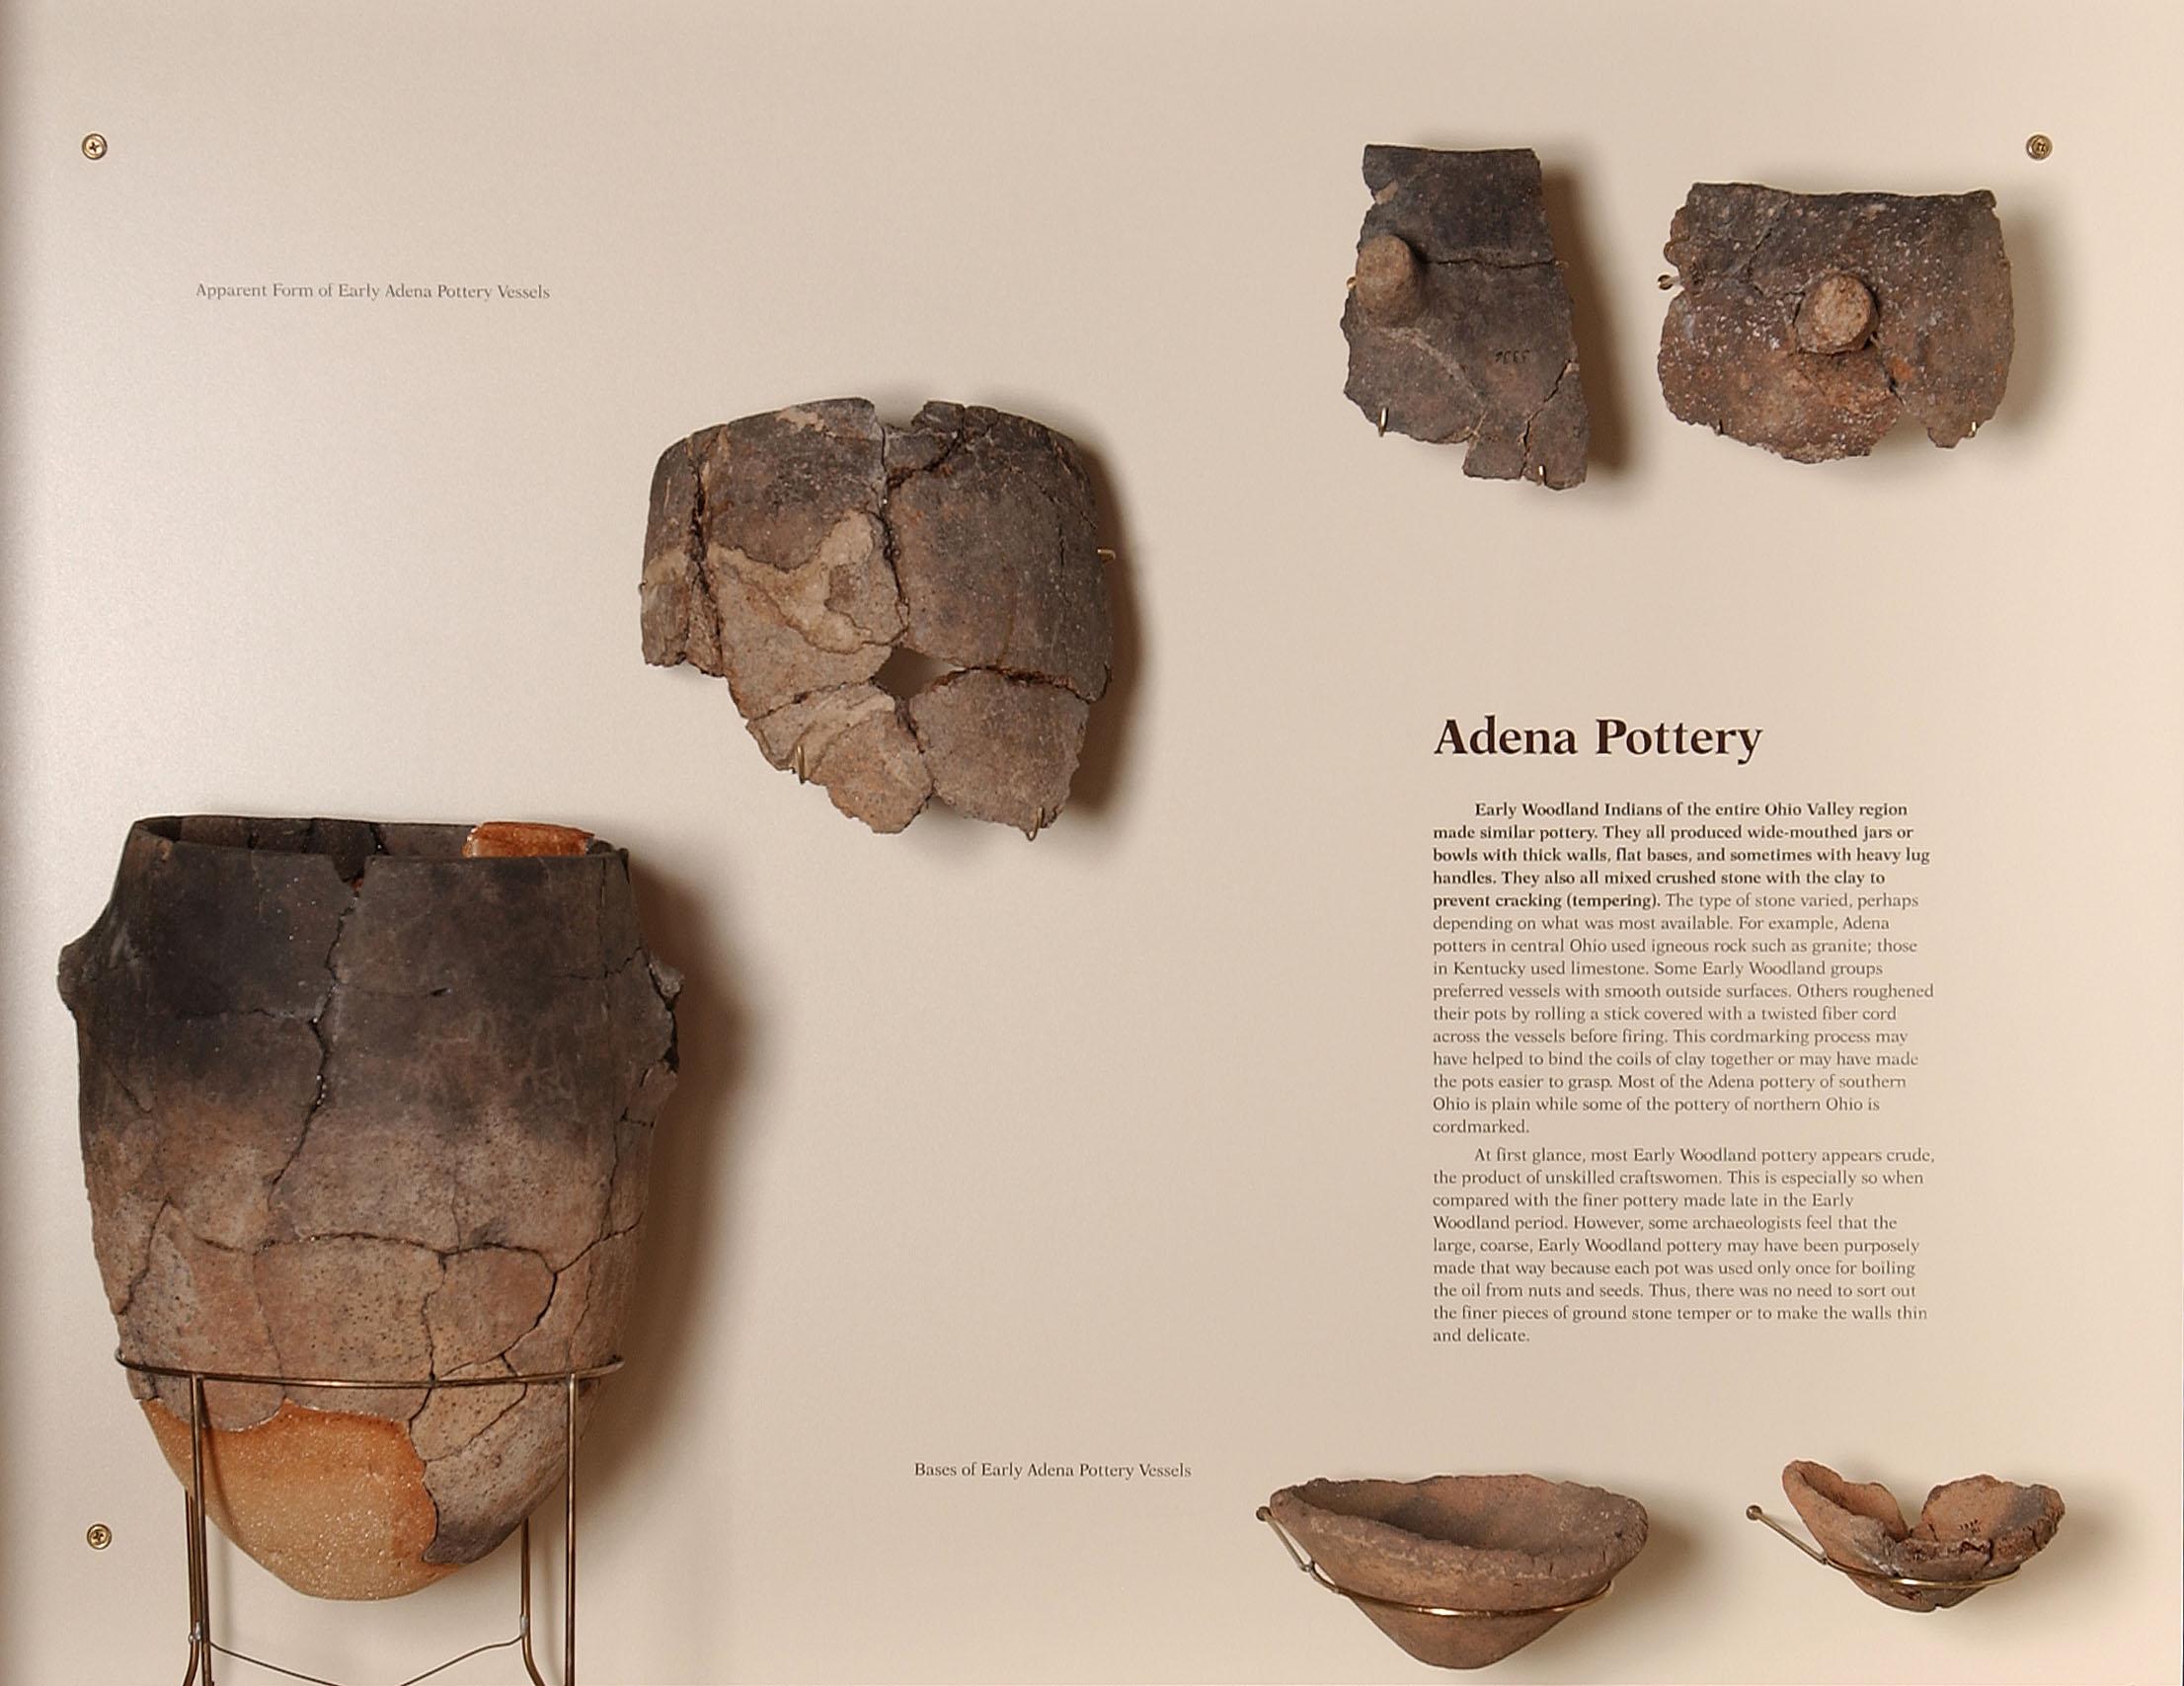 Adena pottery sherds.